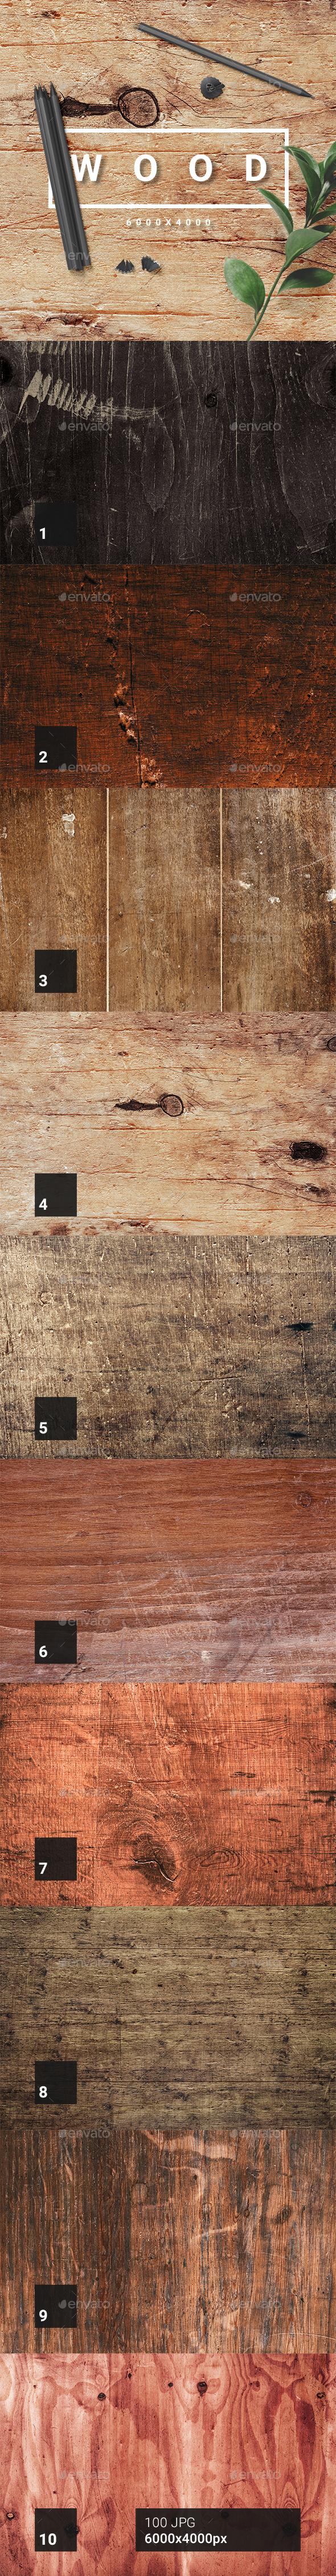 100 Wood Textures - Wood Textures